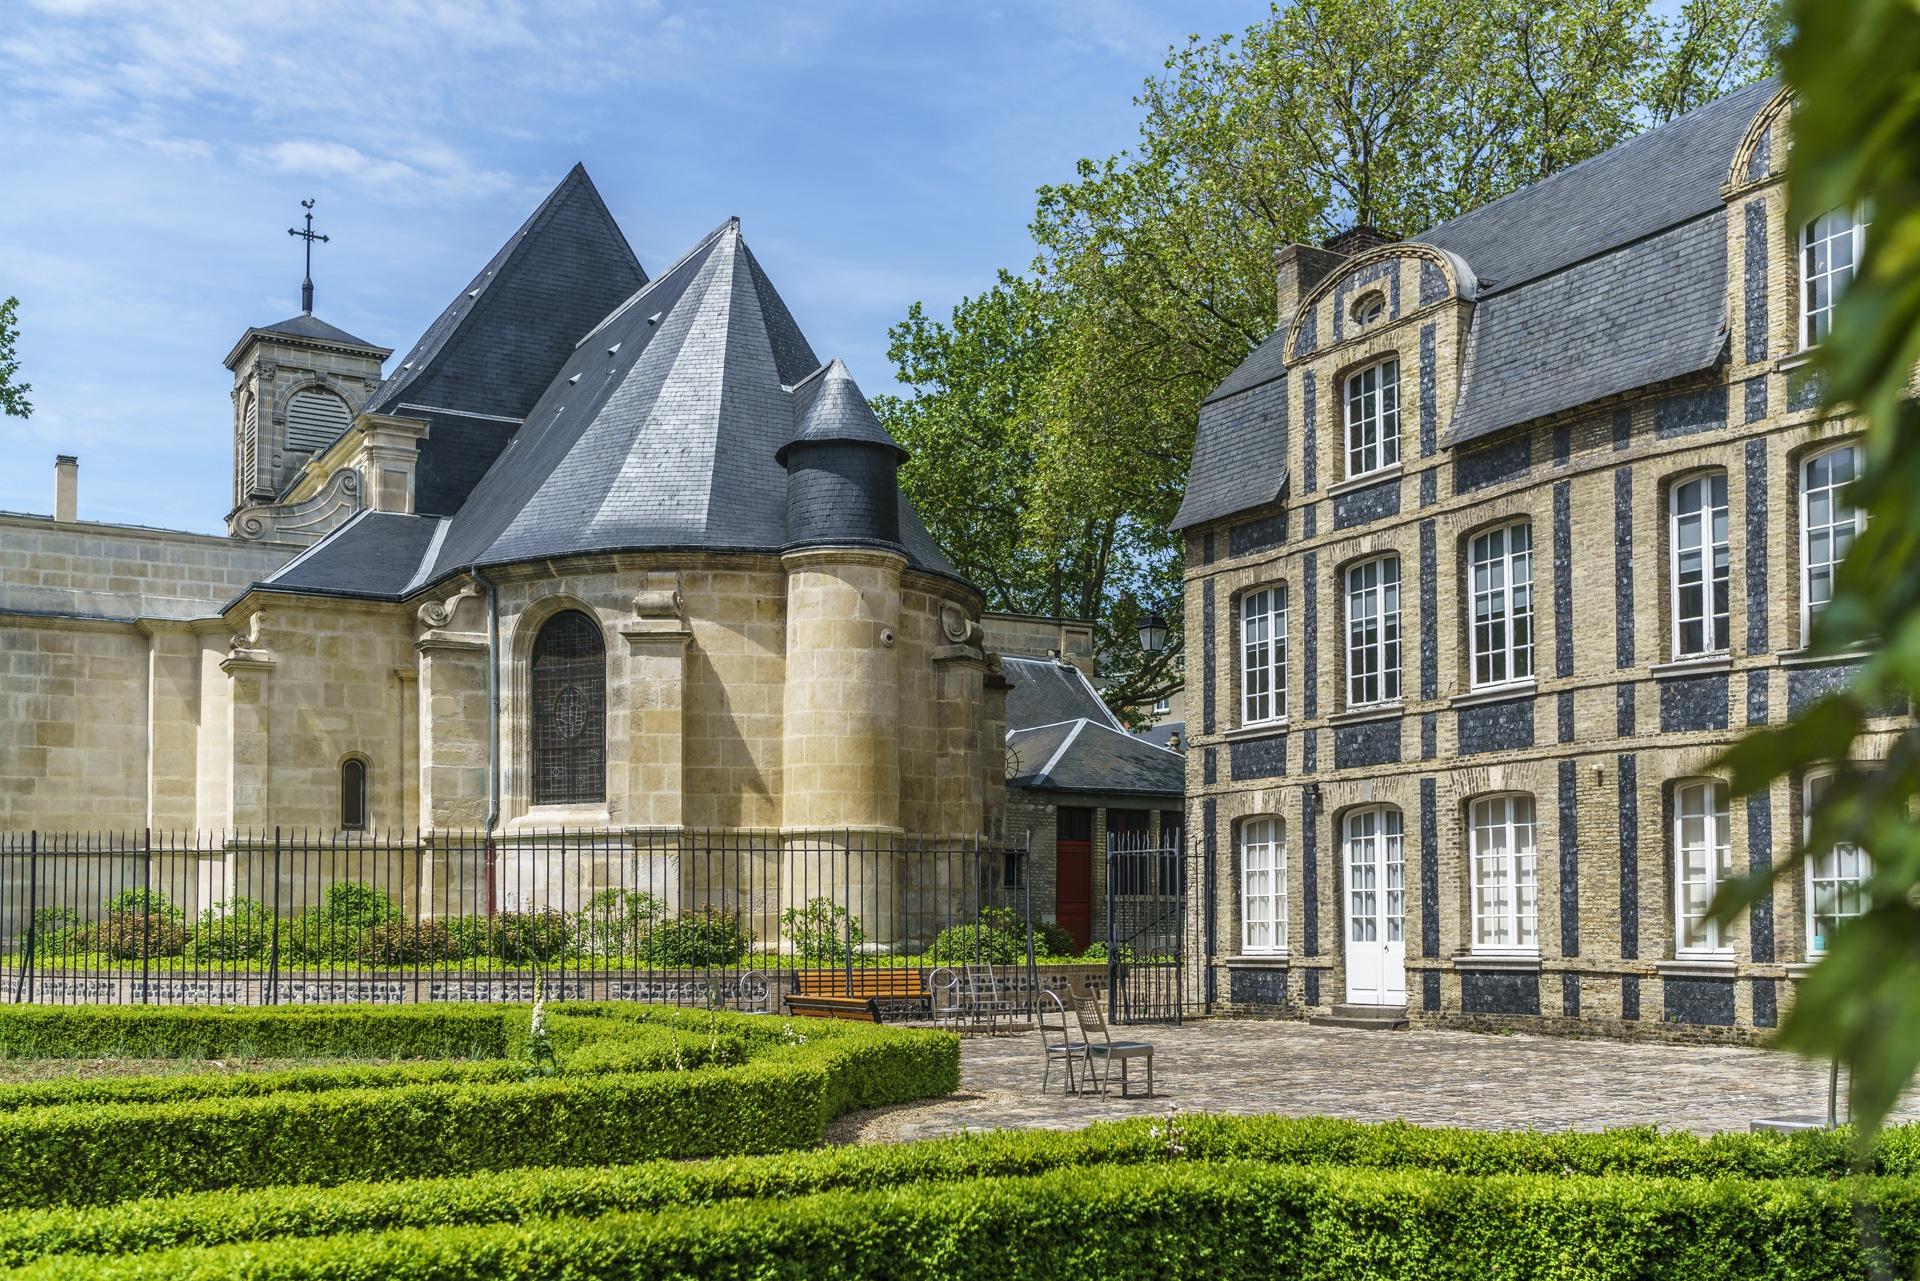 Musee-Hotel-Dubocage-de-Bleville